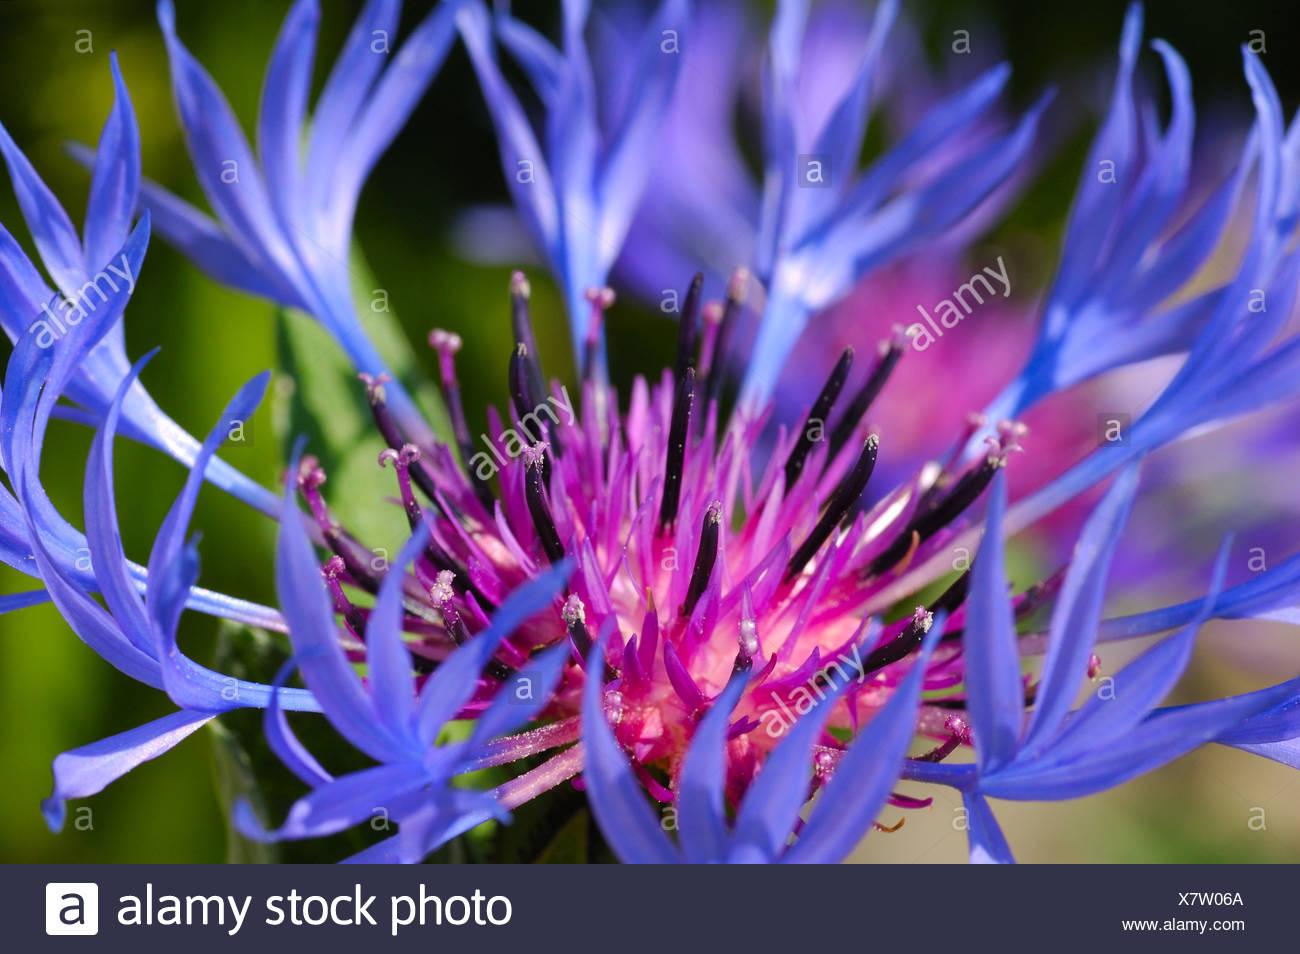 Flower of Mountain cornflower, Mountain bluet, Centaurea montana - Stock Image